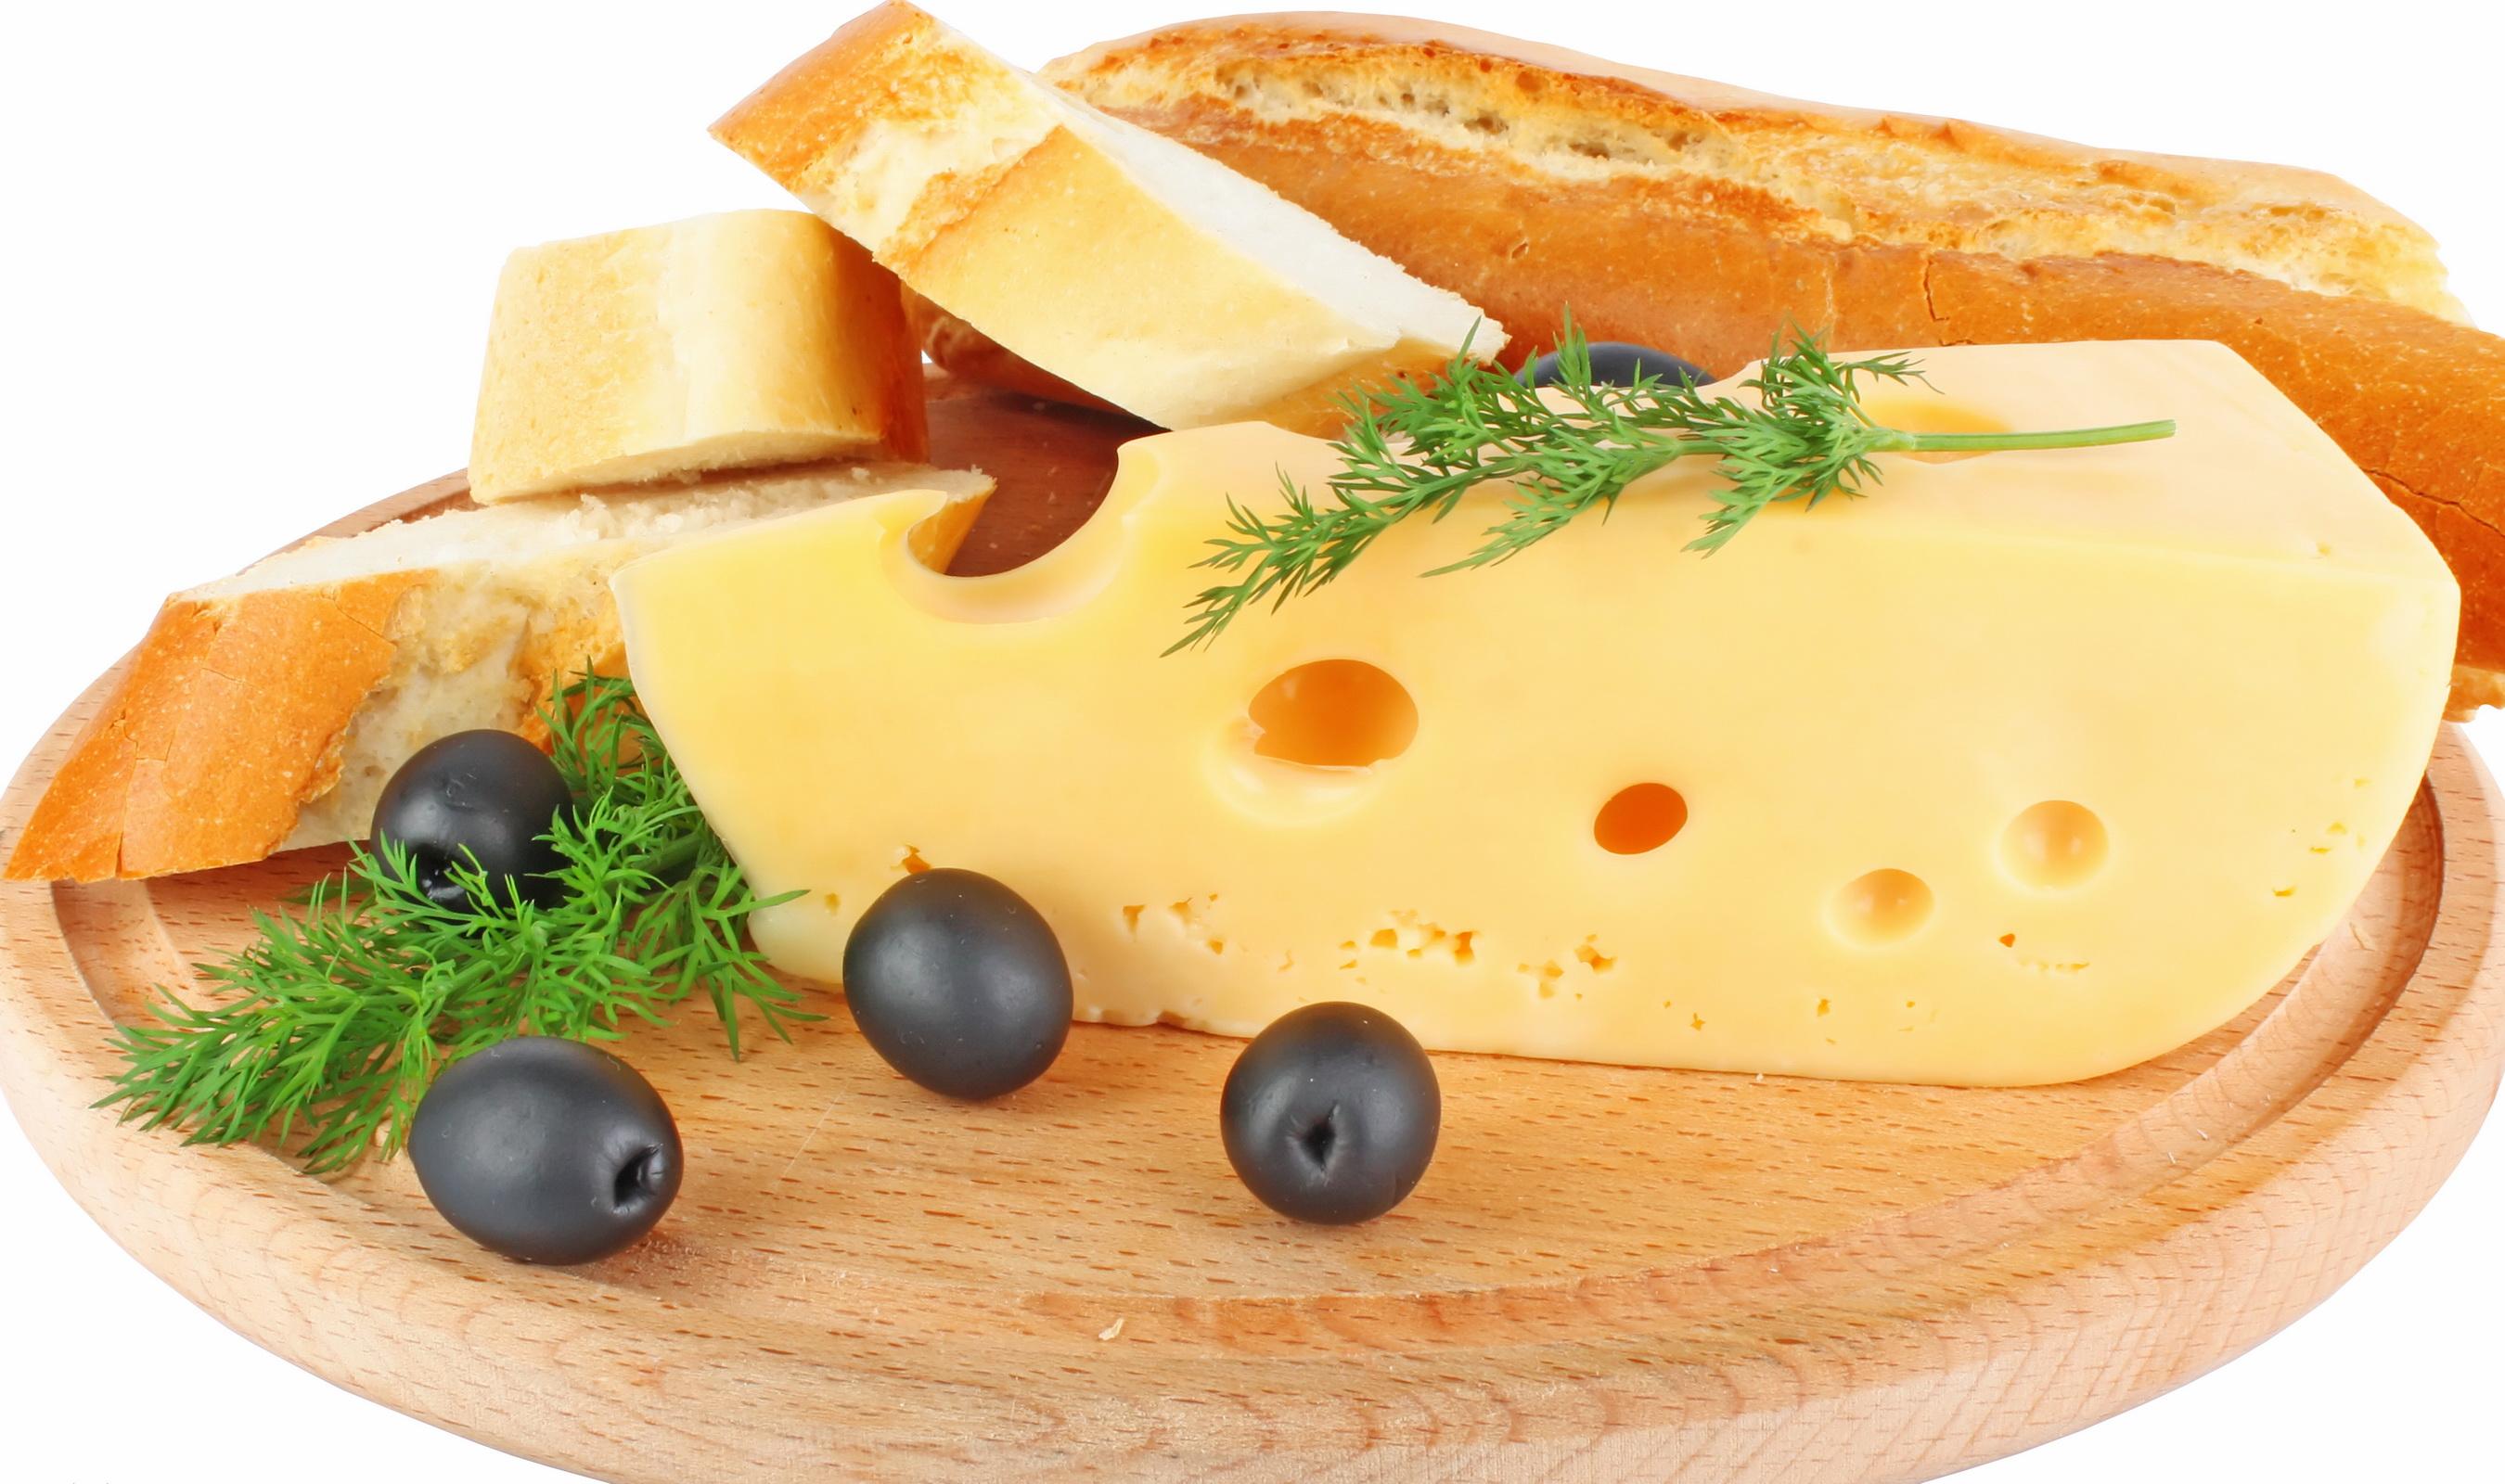 СОЮЗМОЛОКО: Импорт сыров в Россию сократился в 4,3 раза